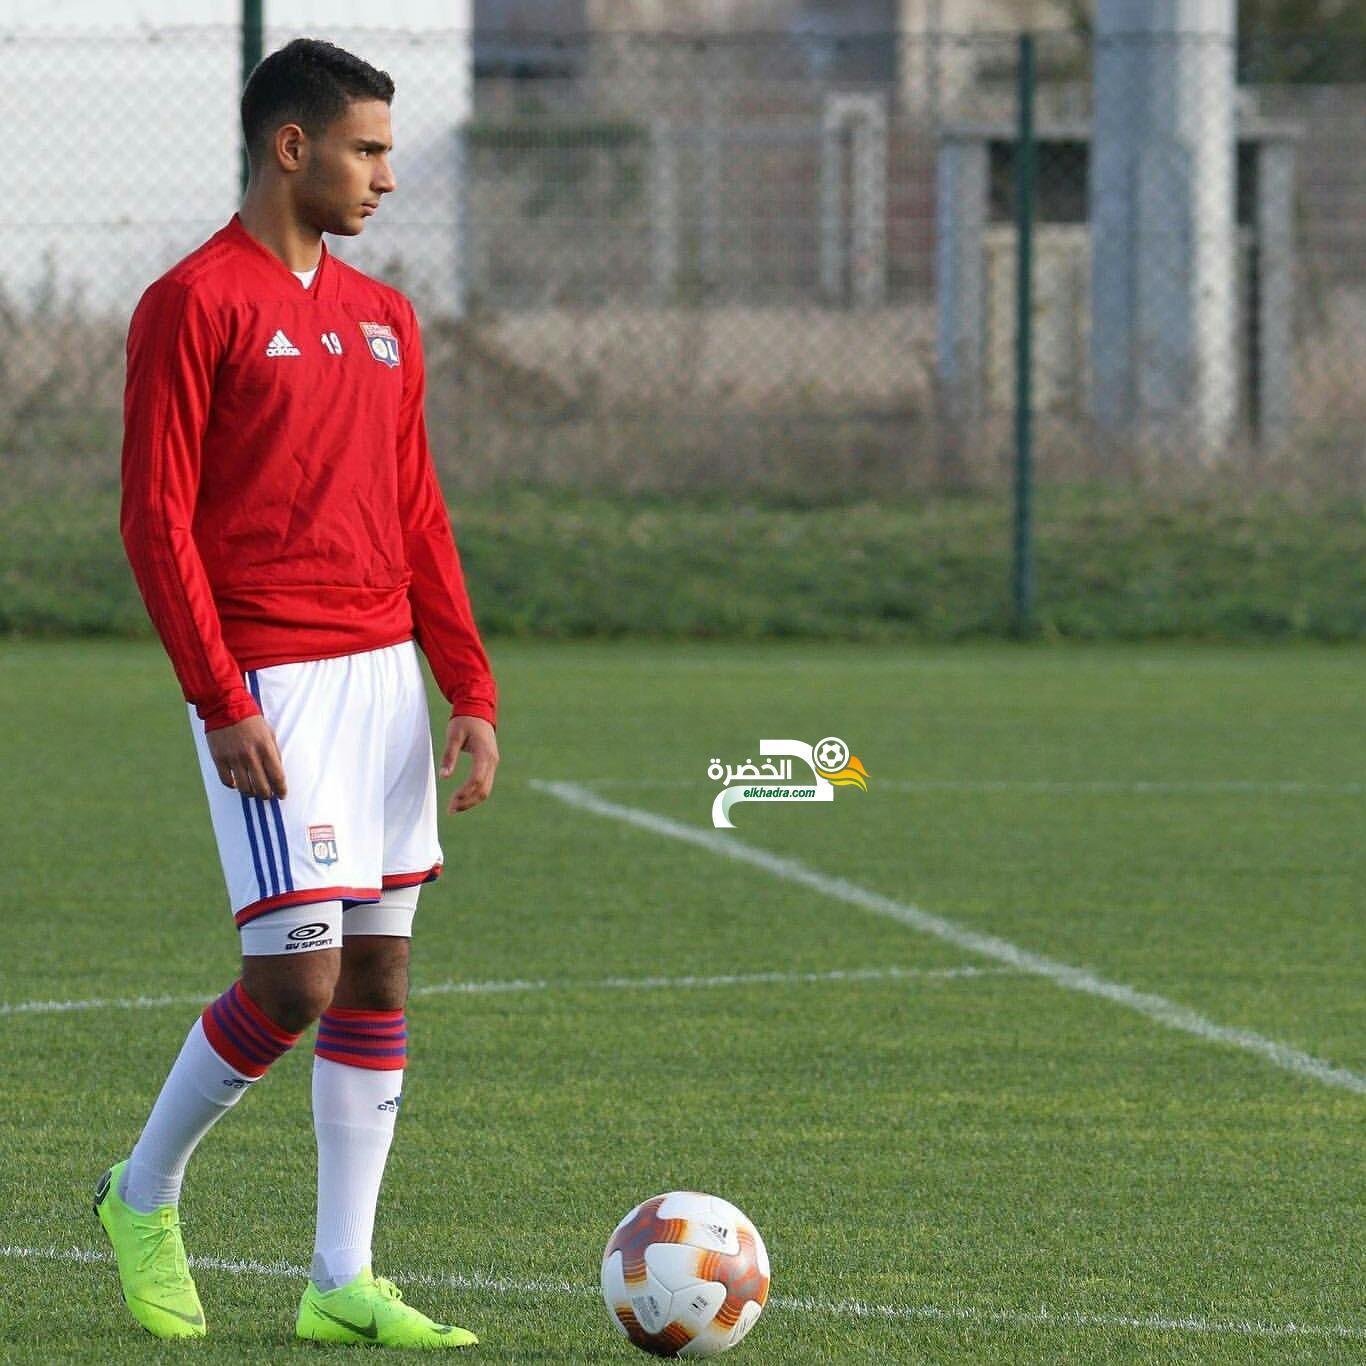 الجزائري / التونسي آدم يوسفي :  أطمح لعقد إحترافي مع أولمبيك ليون 24